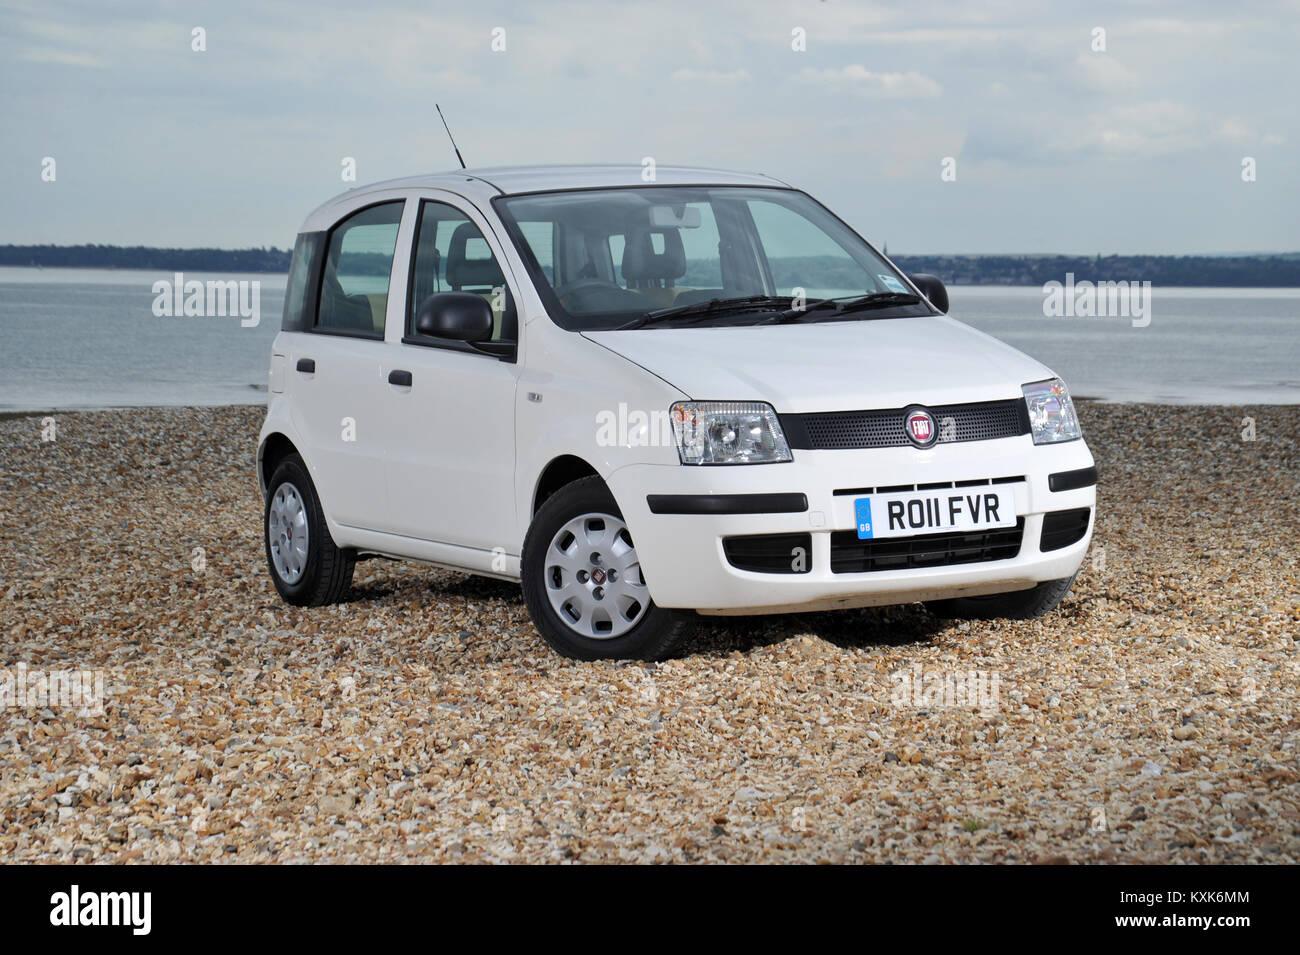 2011 Fiat Panda small Italian car - Stock Image